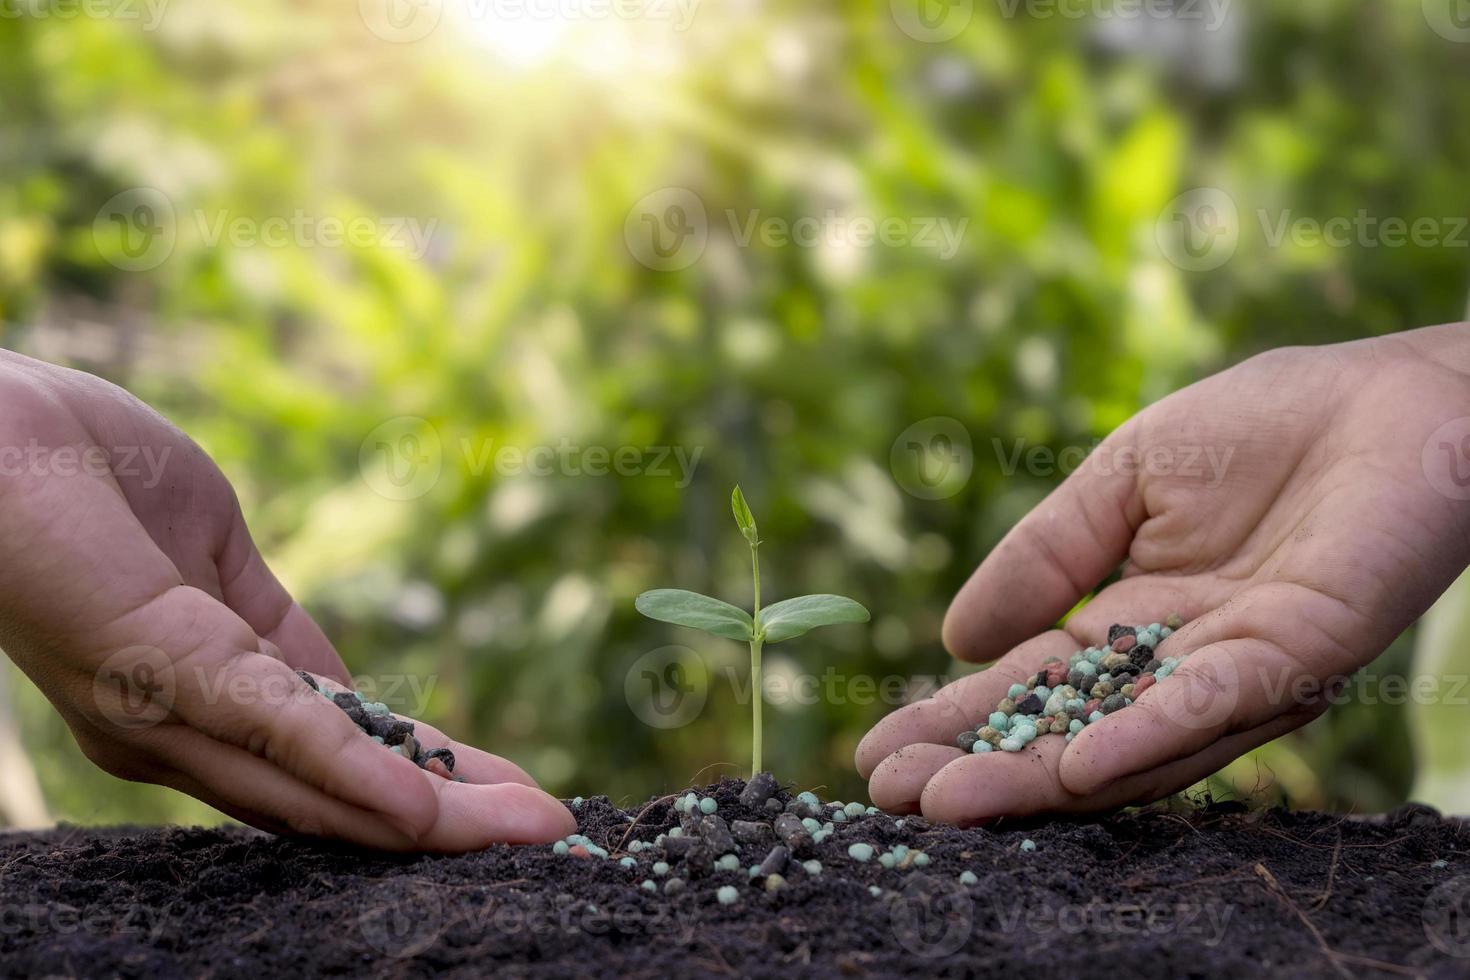 las manos están fertilizando las plántulas y regando las plántulas que crecen en un suelo fértil. concepto de agricultura, proteger la naturaleza. foto